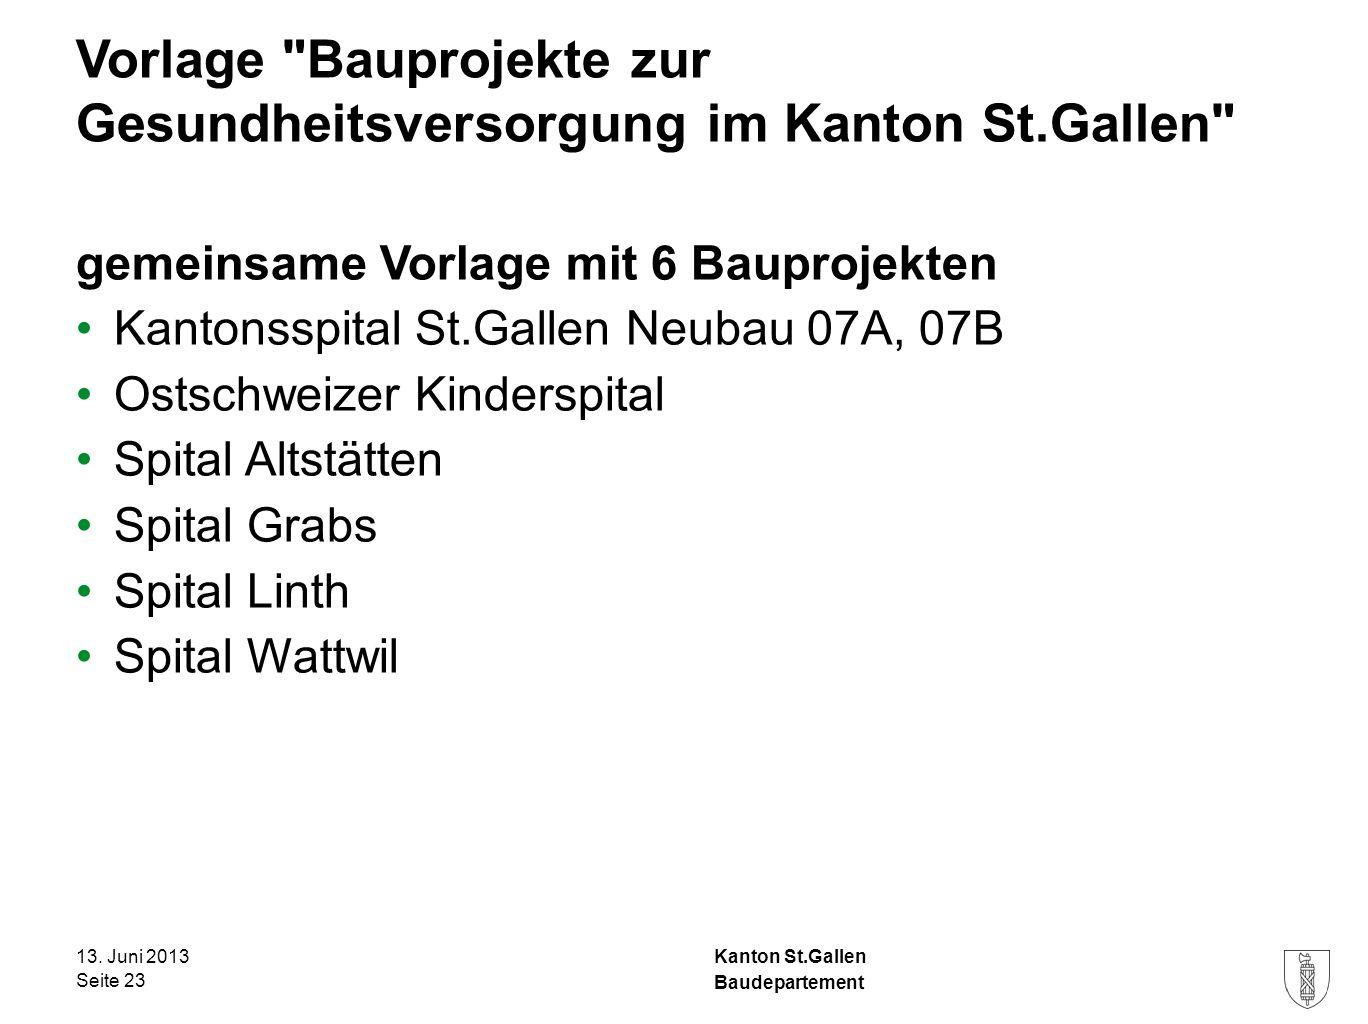 Kanton St.Gallen Vorlage Bauprojekte zur Gesundheitsversorgung im Kanton St.Gallen gemeinsame Vorlage mit 6 Bauprojekten Kantonsspital St.Gallen Neubau 07A, 07B Ostschweizer Kinderspital Spital Altstätten Spital Grabs Spital Linth Spital Wattwil 13.